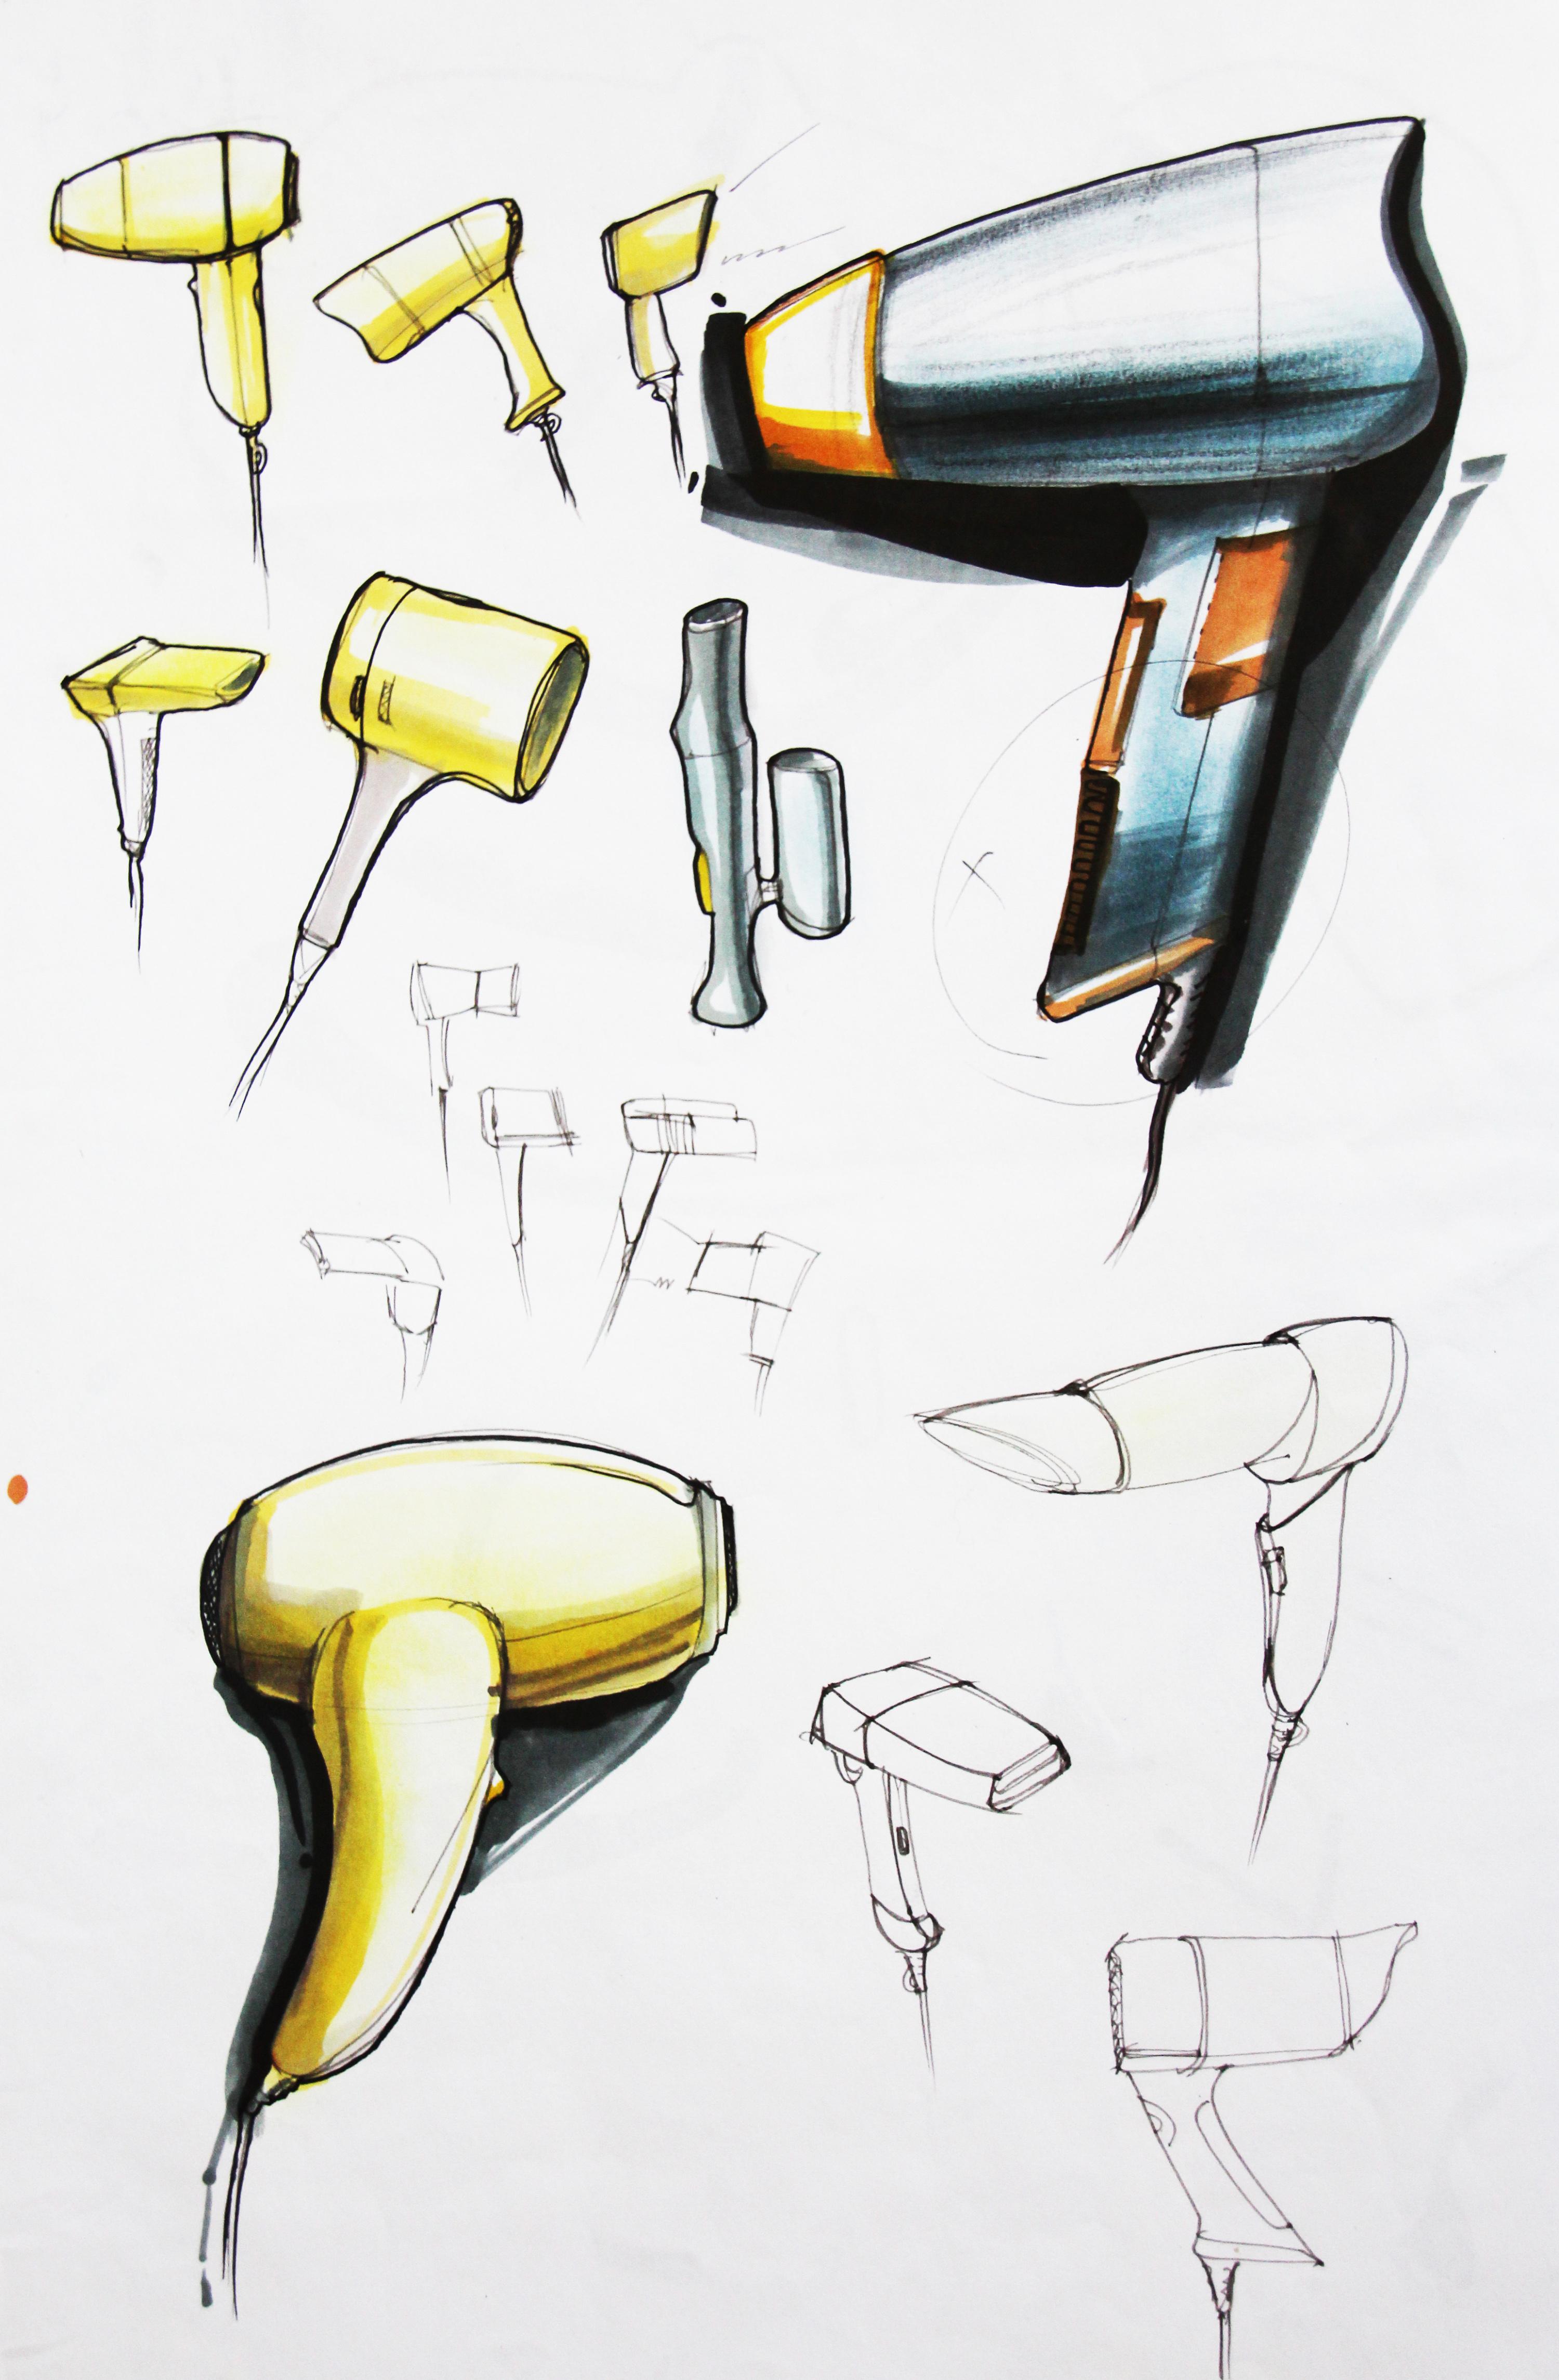 工业产品手绘吹风机